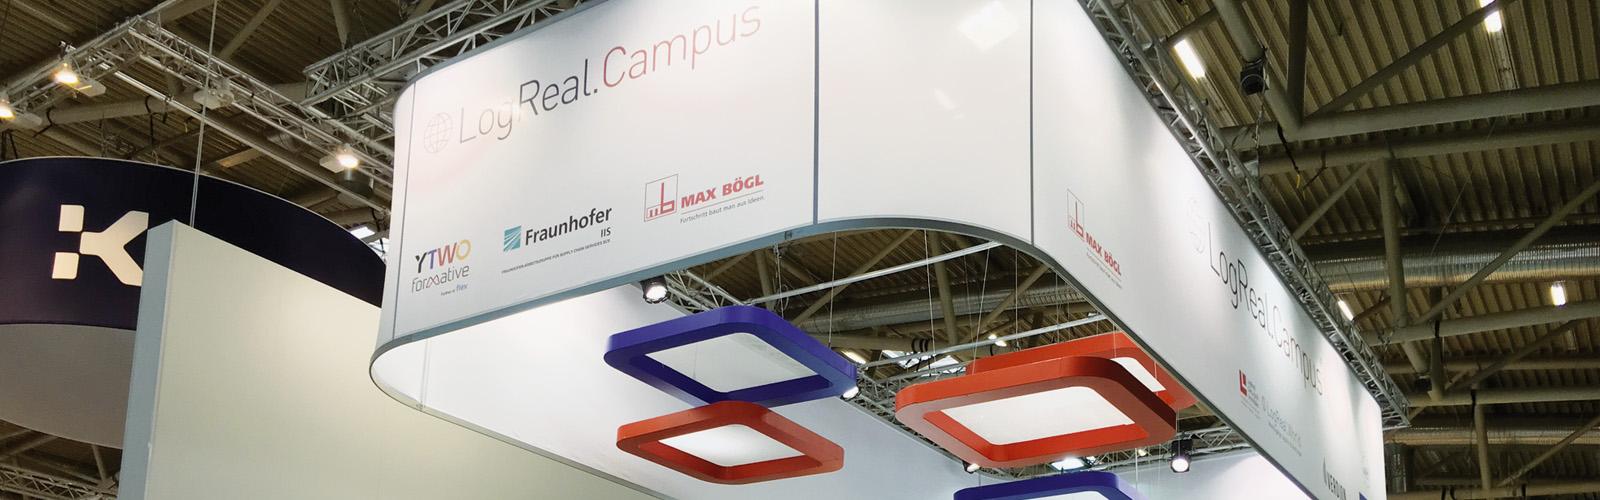 Erneuter erfolgreicher Messeauftritt auf dem LogRealCampus, EXPO REAL